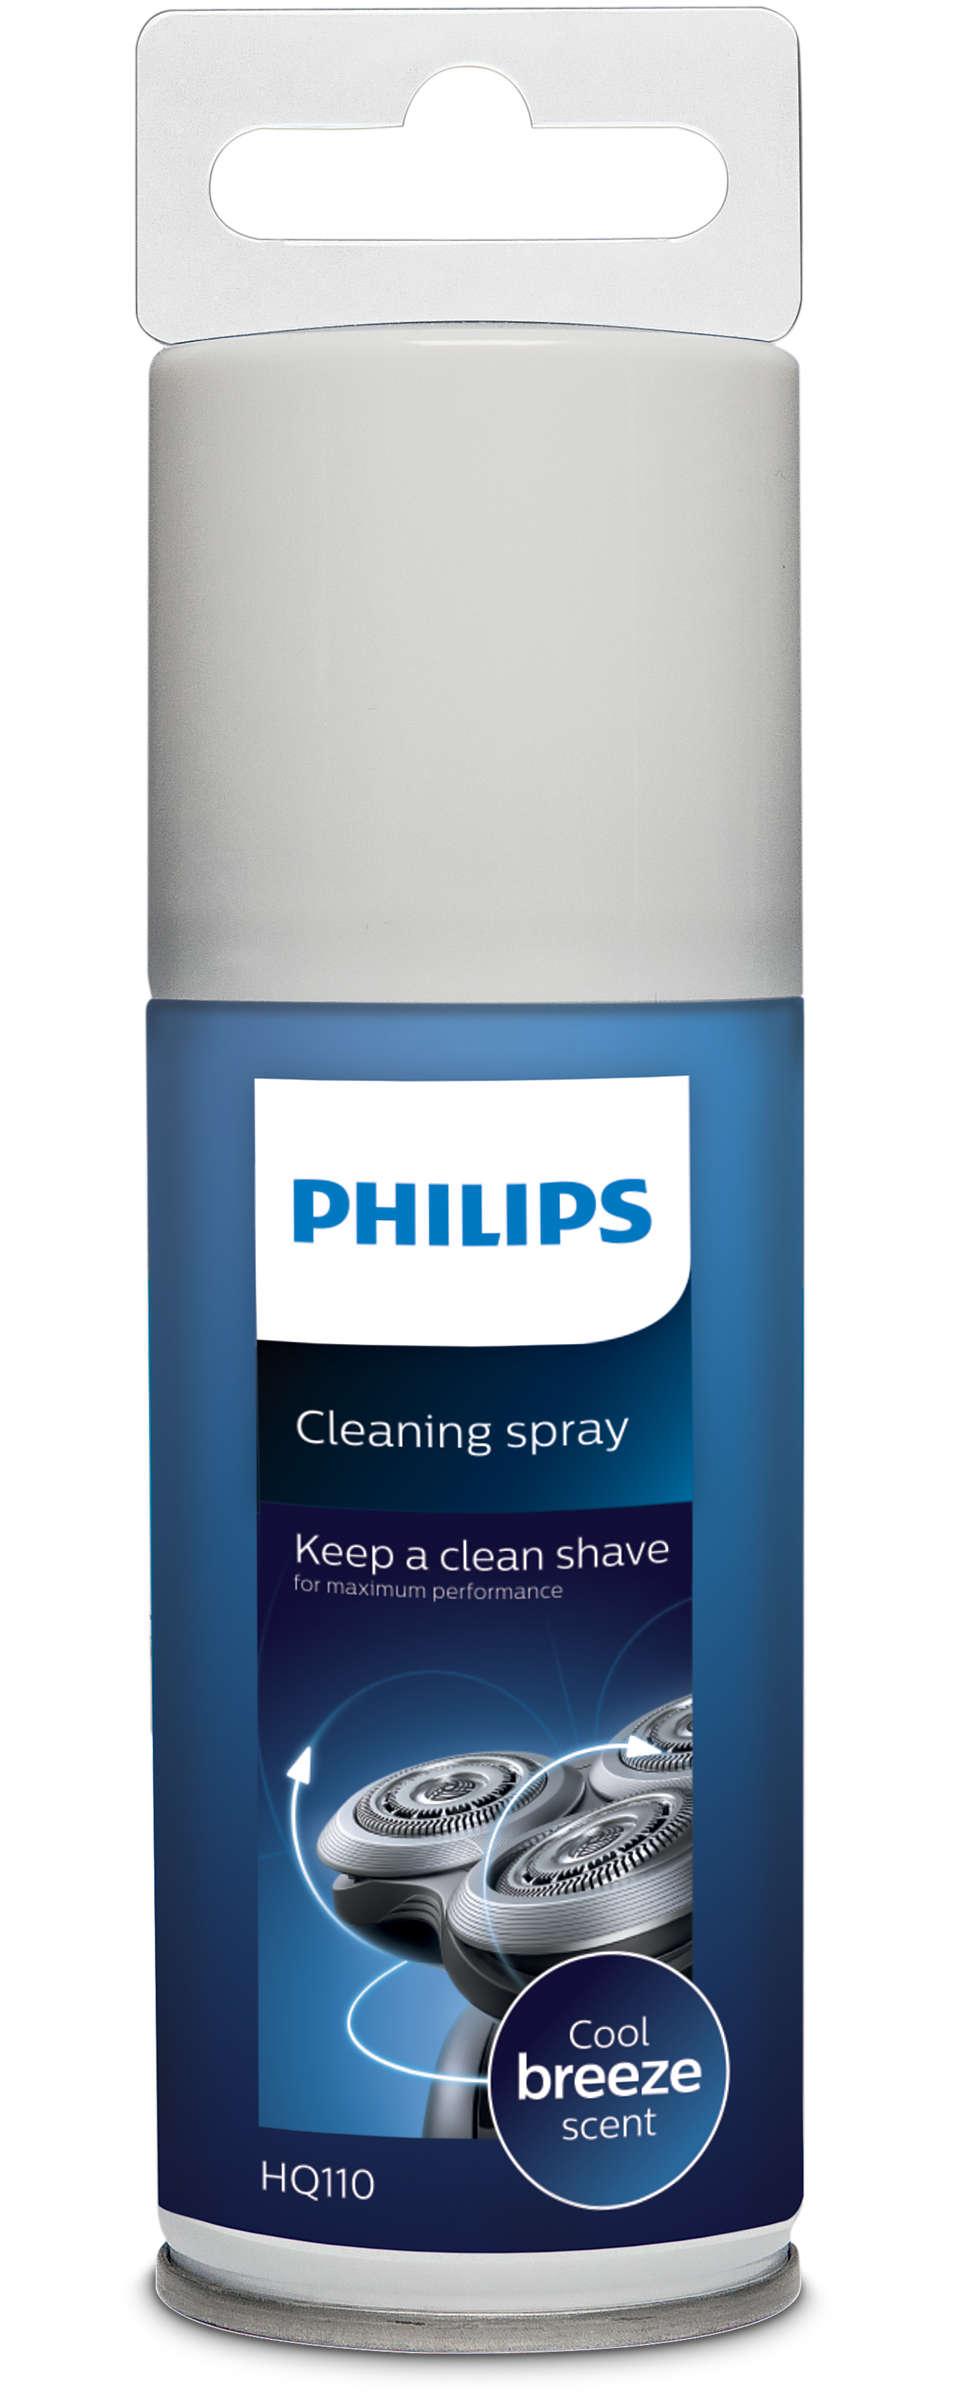 保持清潔的剃鬚效果